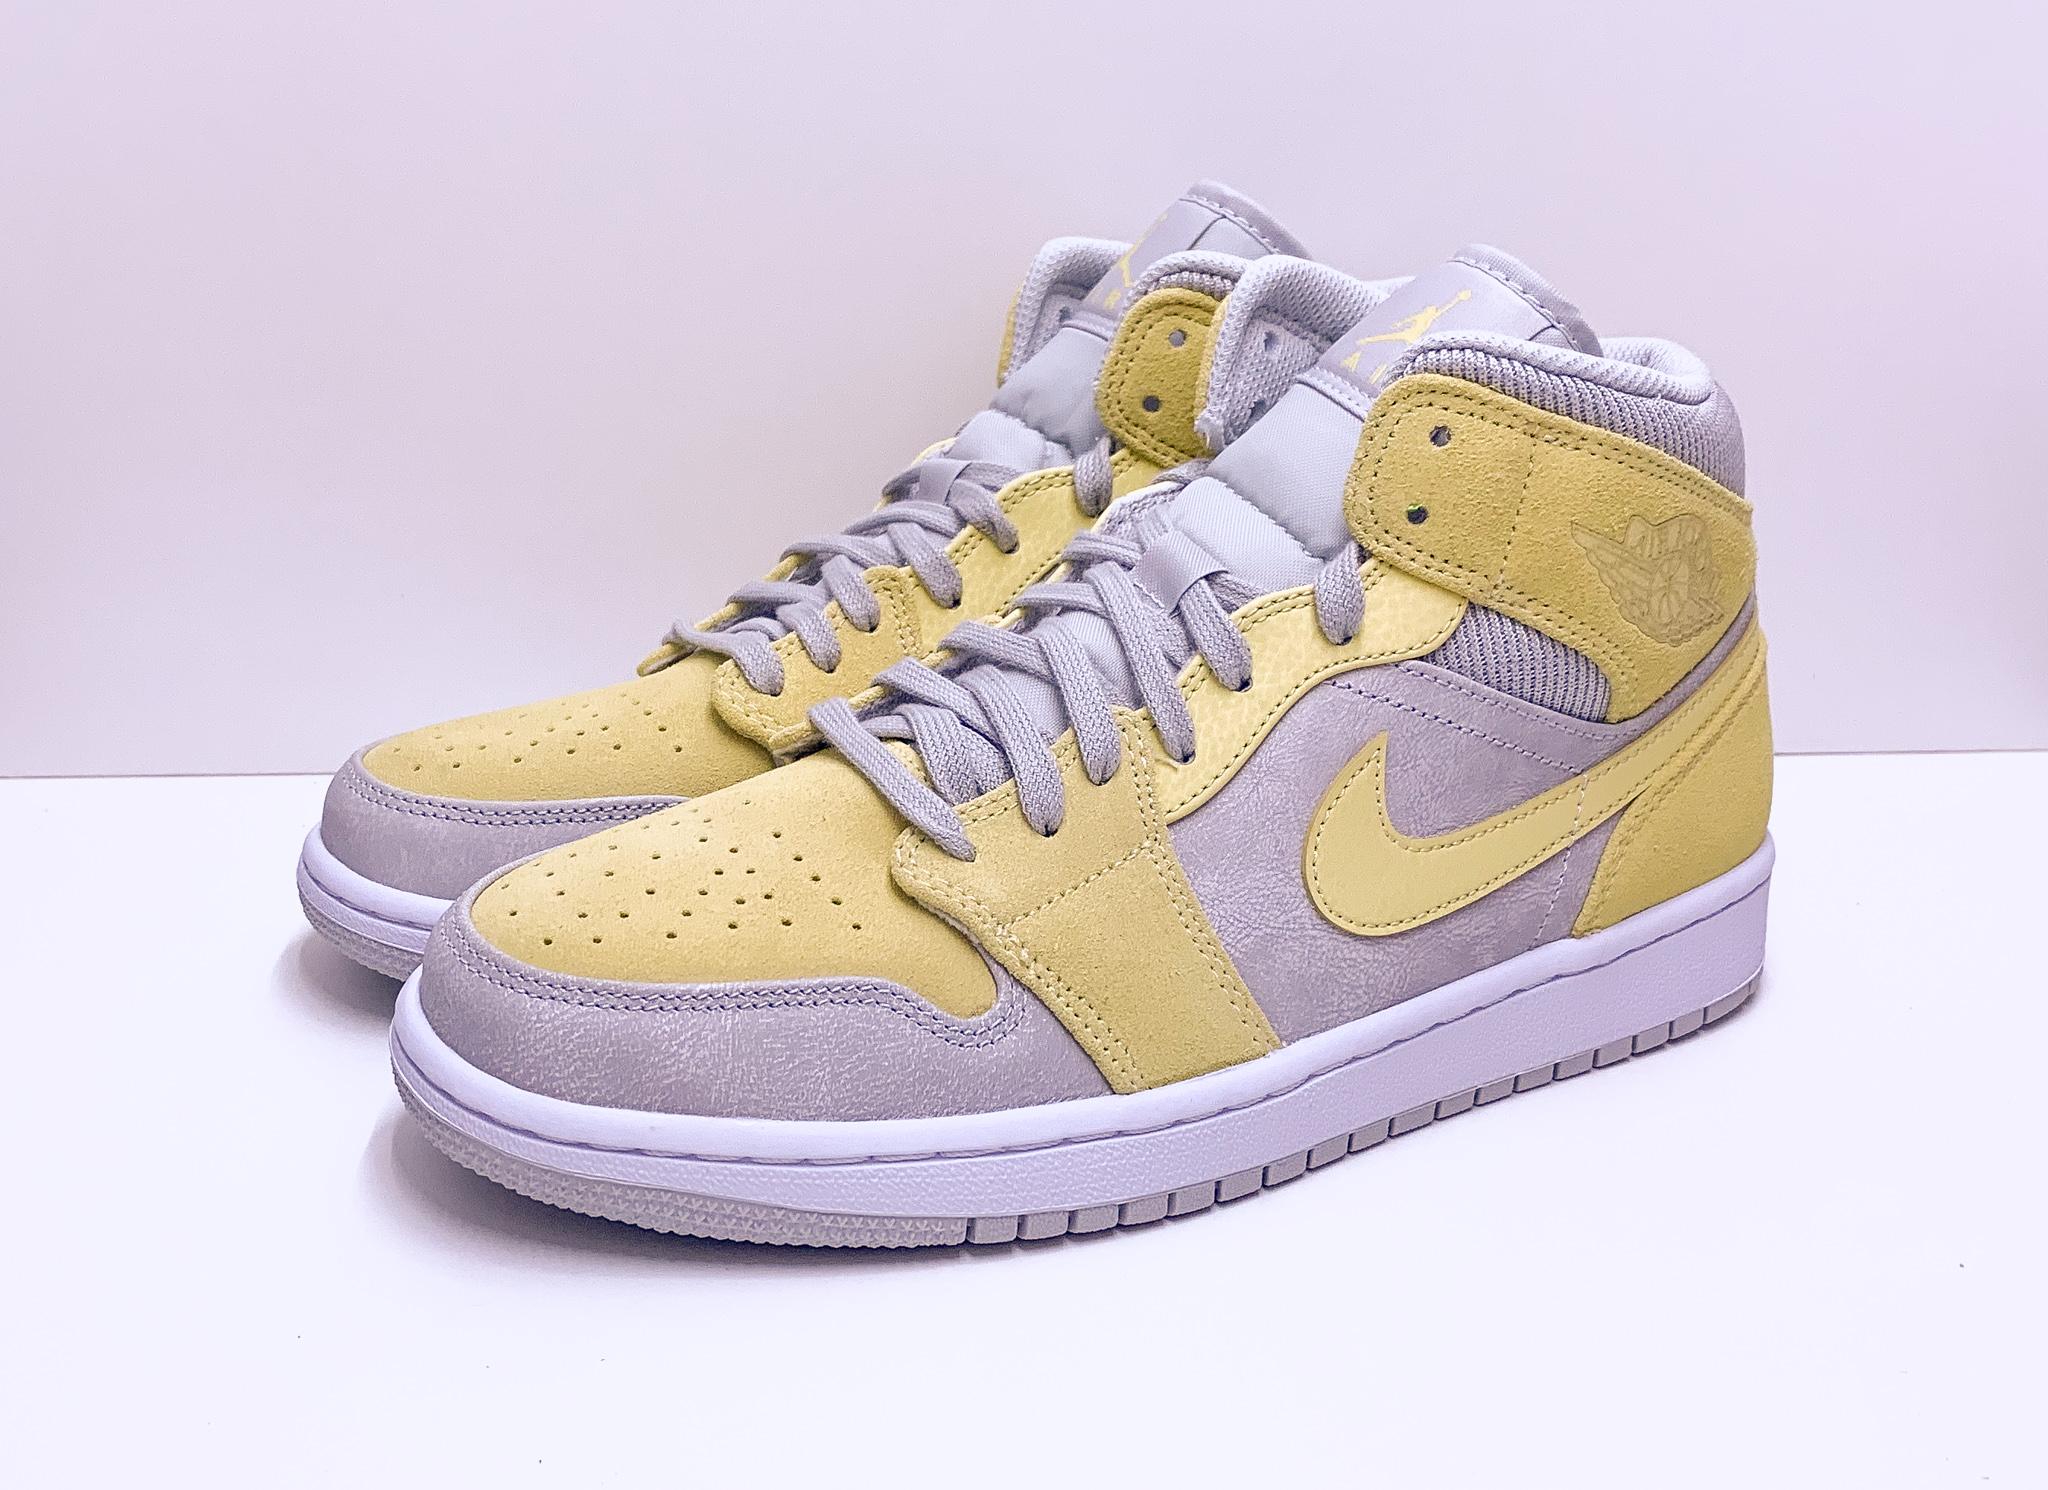 Jordan 1 Mid Mixed Textures Yellow